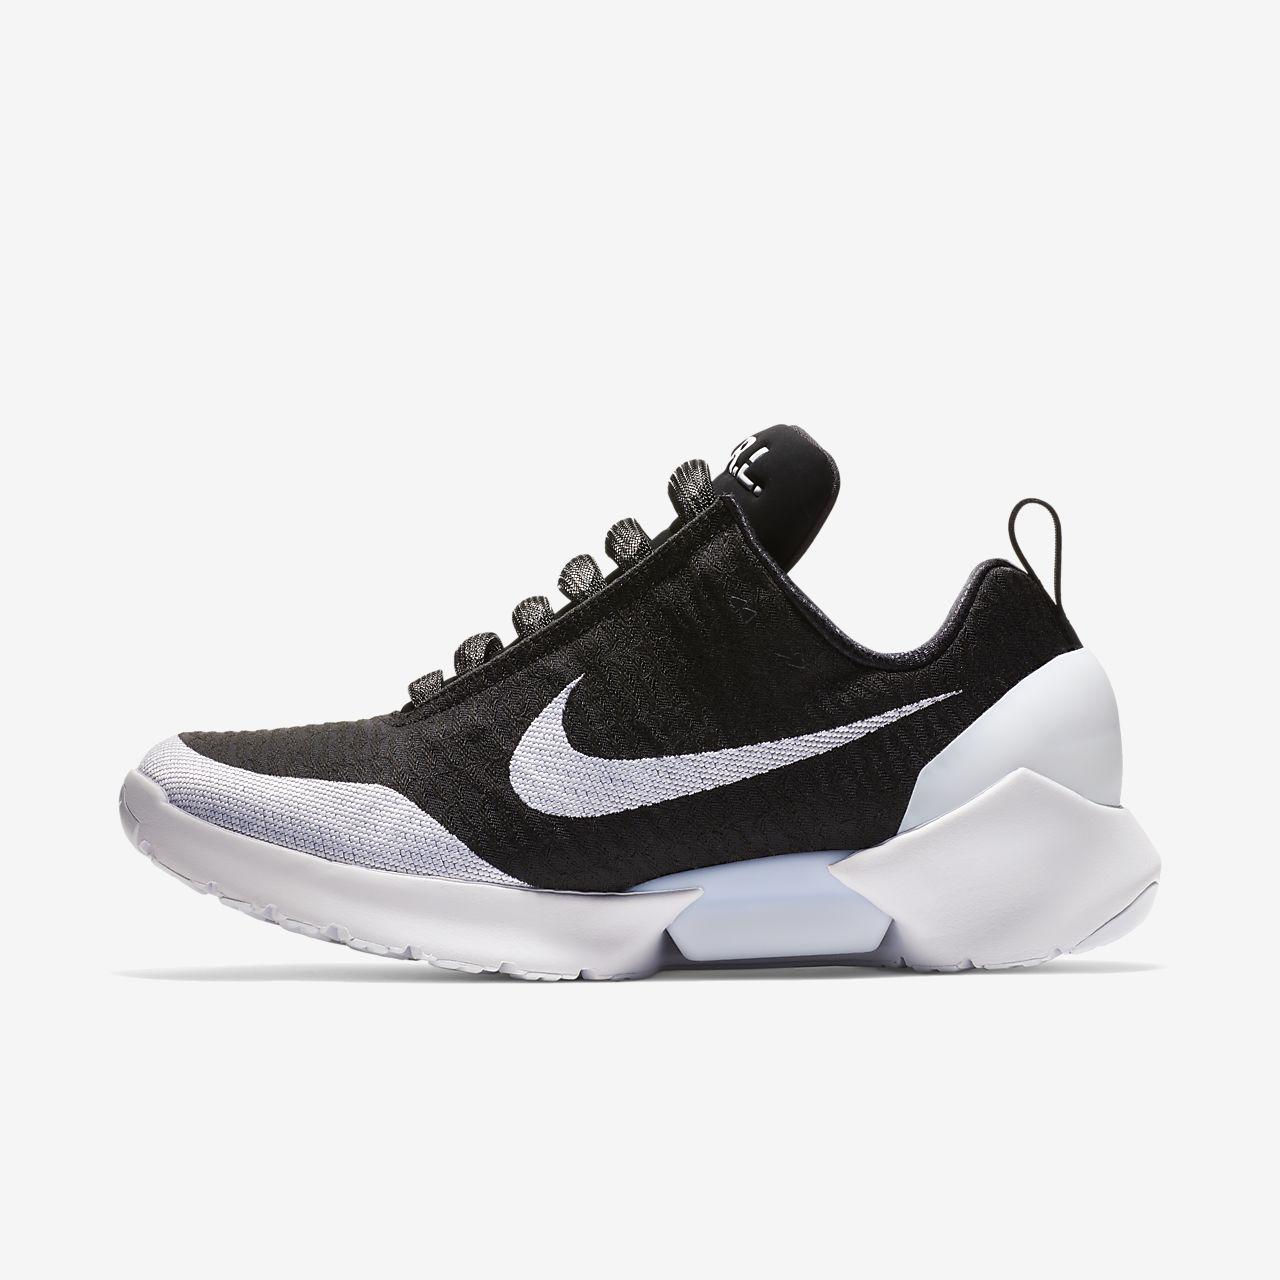 Sko Nike HyperAdapt 1.0 (EU-kontakt) för män